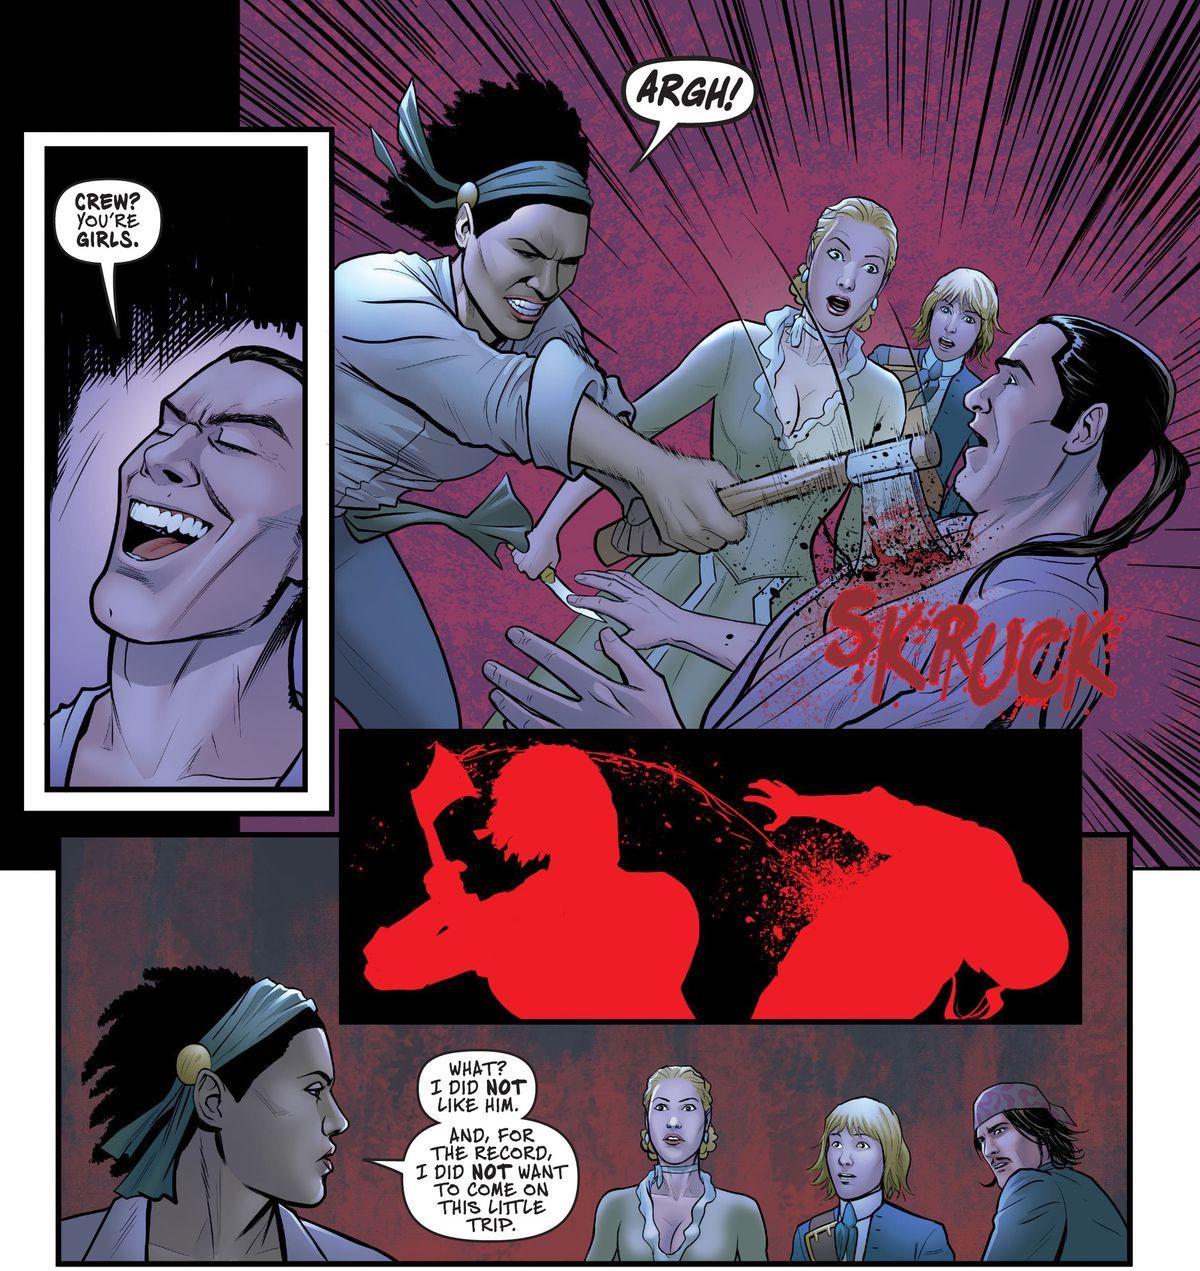 """Un pirata se burla de la idea de una tripulación exclusivamente femenina, después de lo cual Iris le clava sus hachas en el pecho y lo mata. """"¿Qué?"""" les dice a los demás, """"No me agradaba"""", en A Man Among Ye # 4, Image Comics (2021)."""